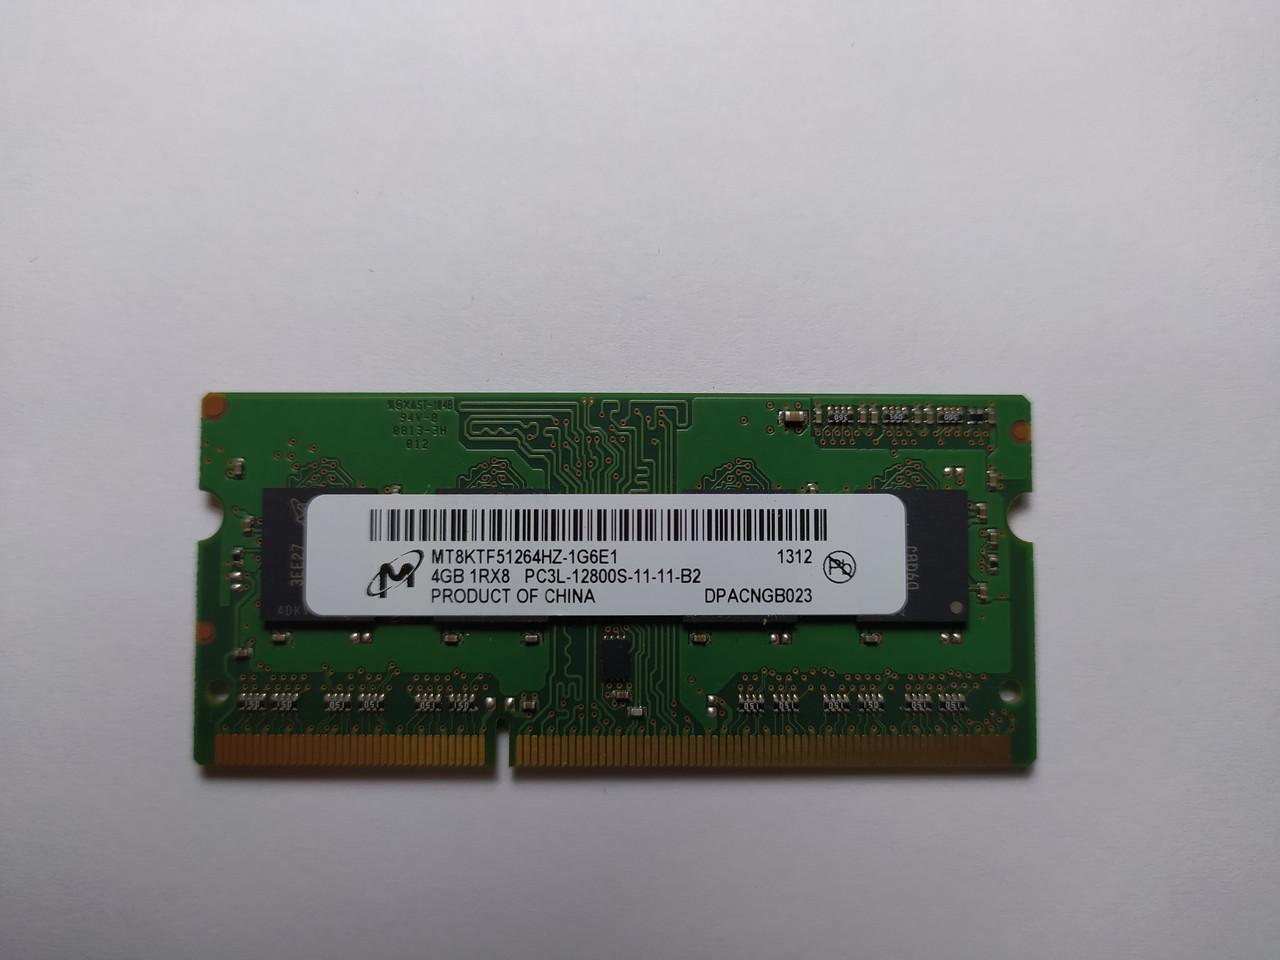 Оперативная память для ноутбука SODIMM Micron DDR3L 4Gb 1600MHz PC3L-12800S (MT8KTF51264HZ-1G6E1) Б/У